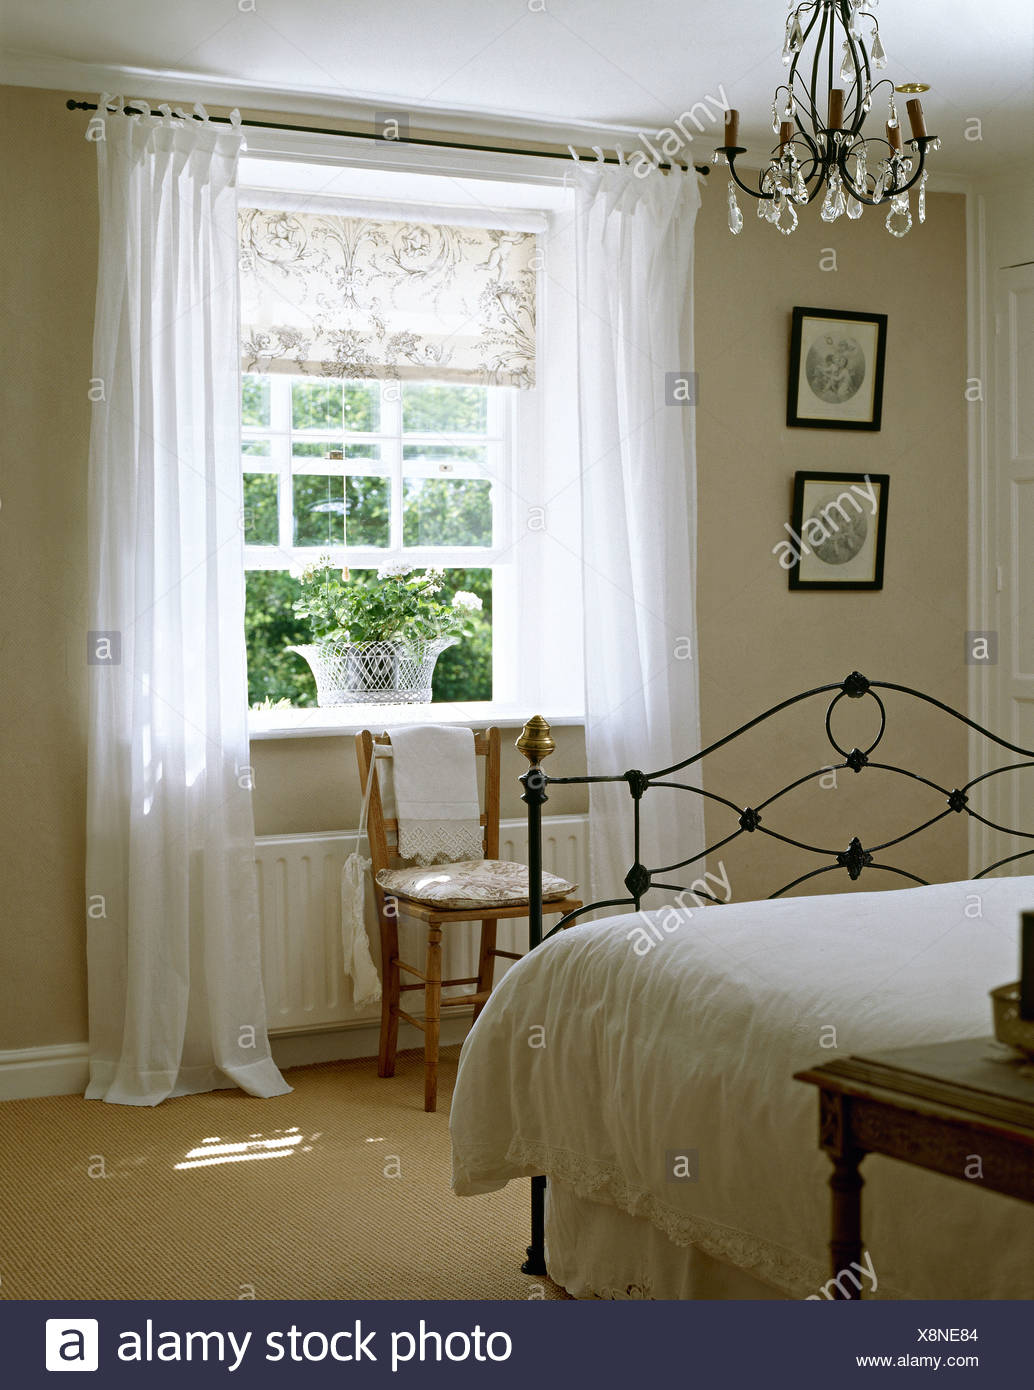 Biancheria da letto bianca sul letto di ferro battuto in ...